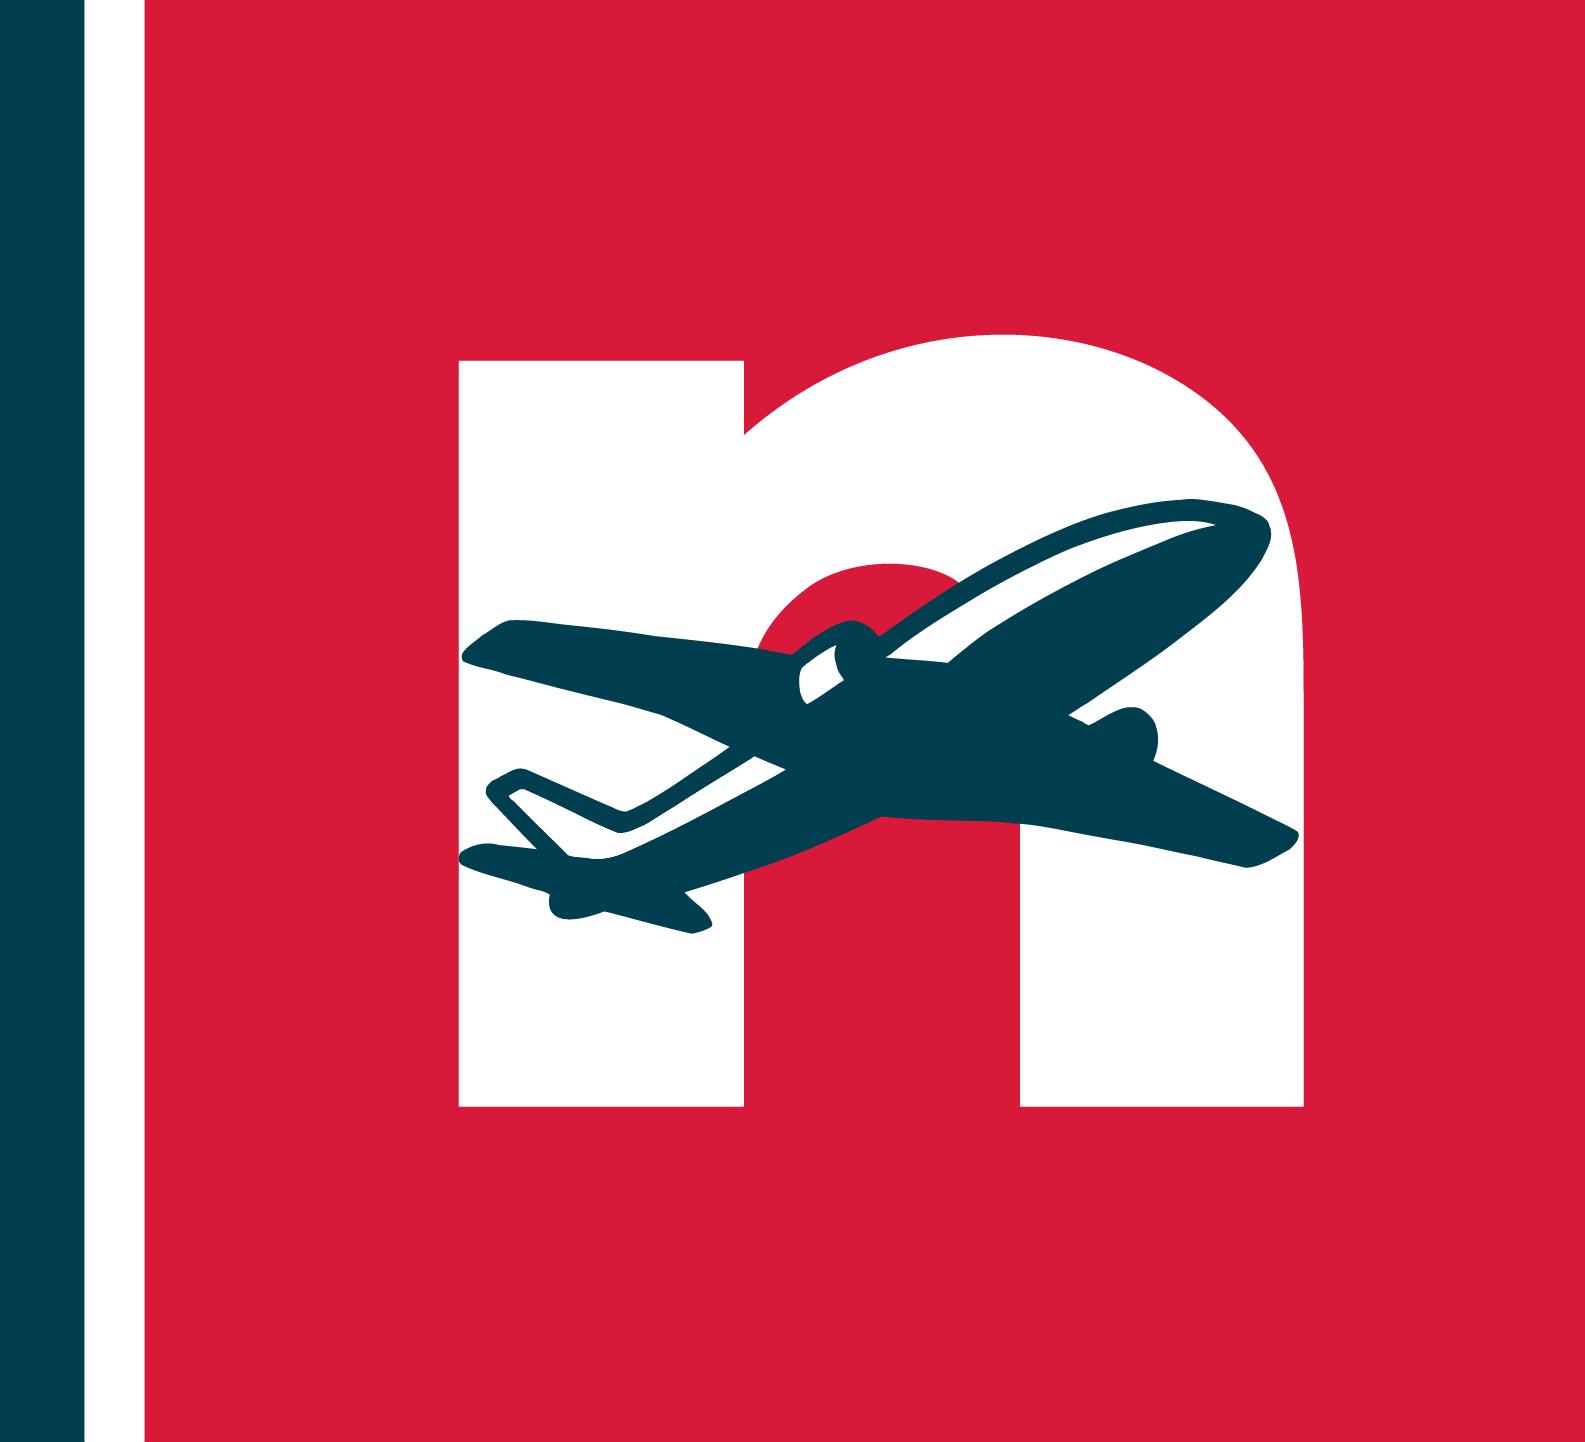 挪威国际航空